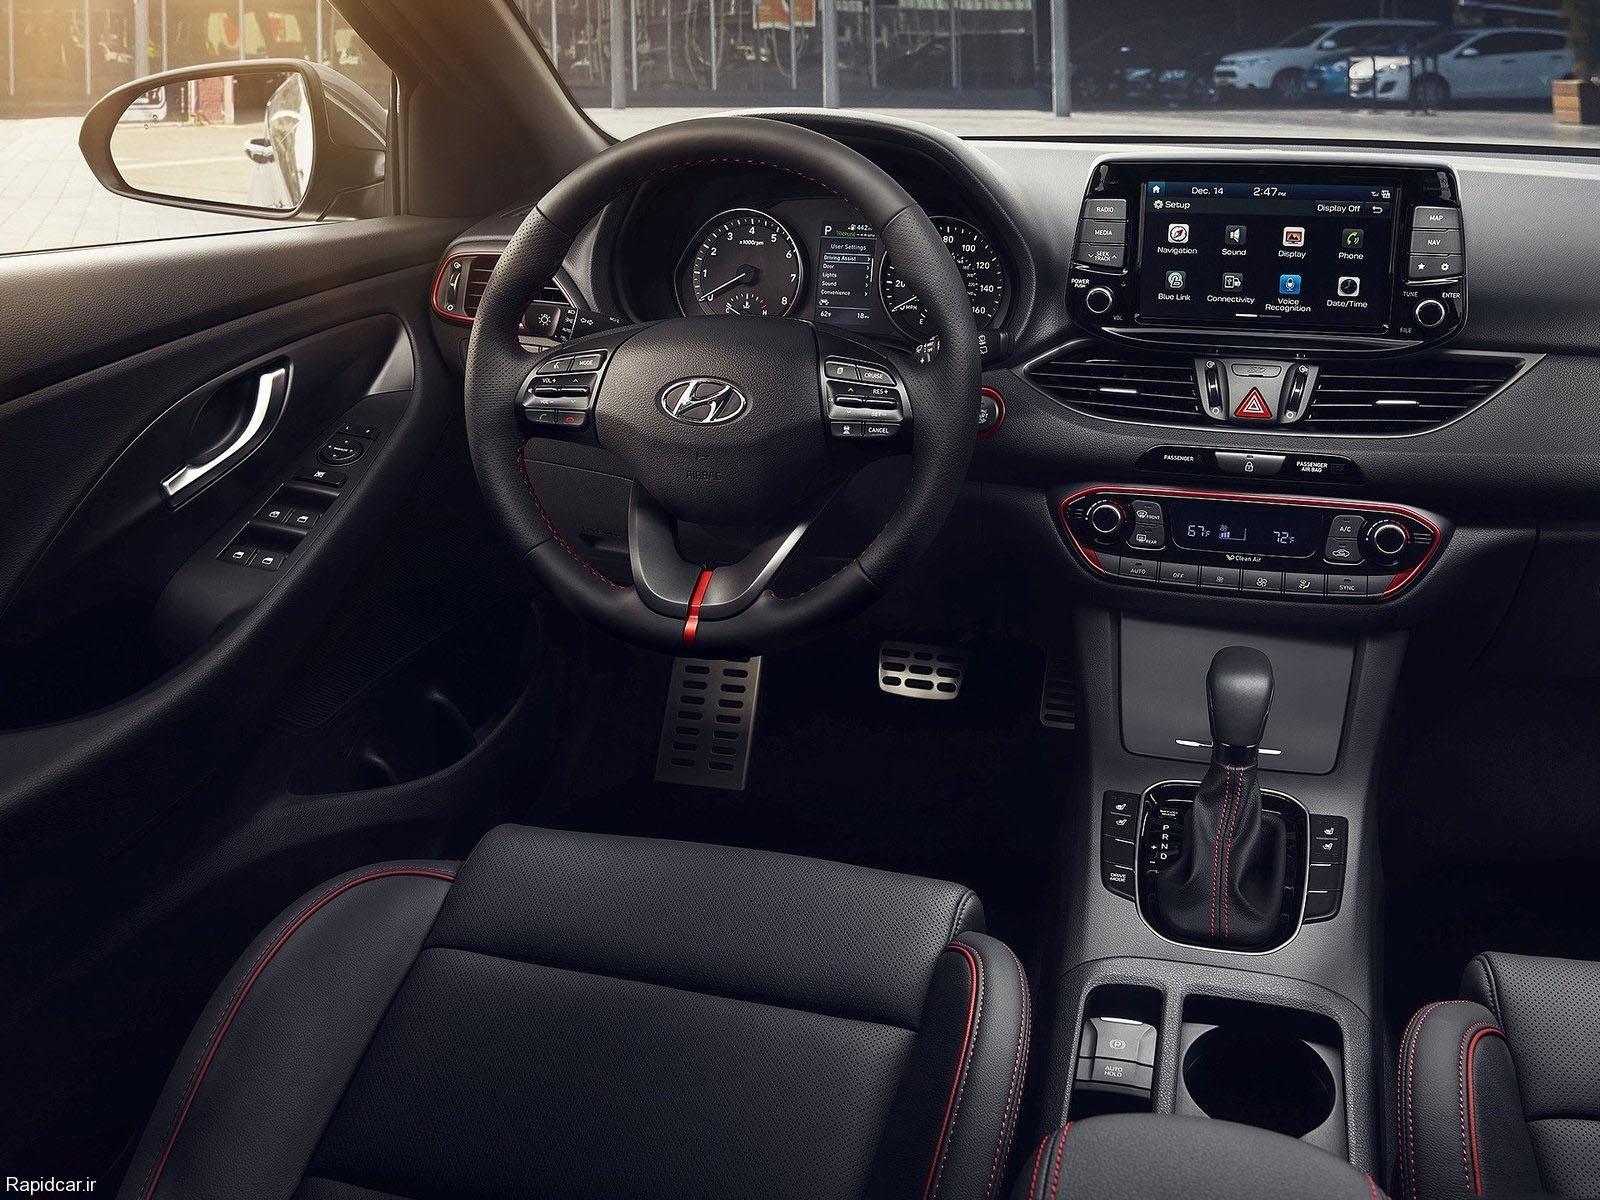 ماشین هیوندای النترا GT 2018